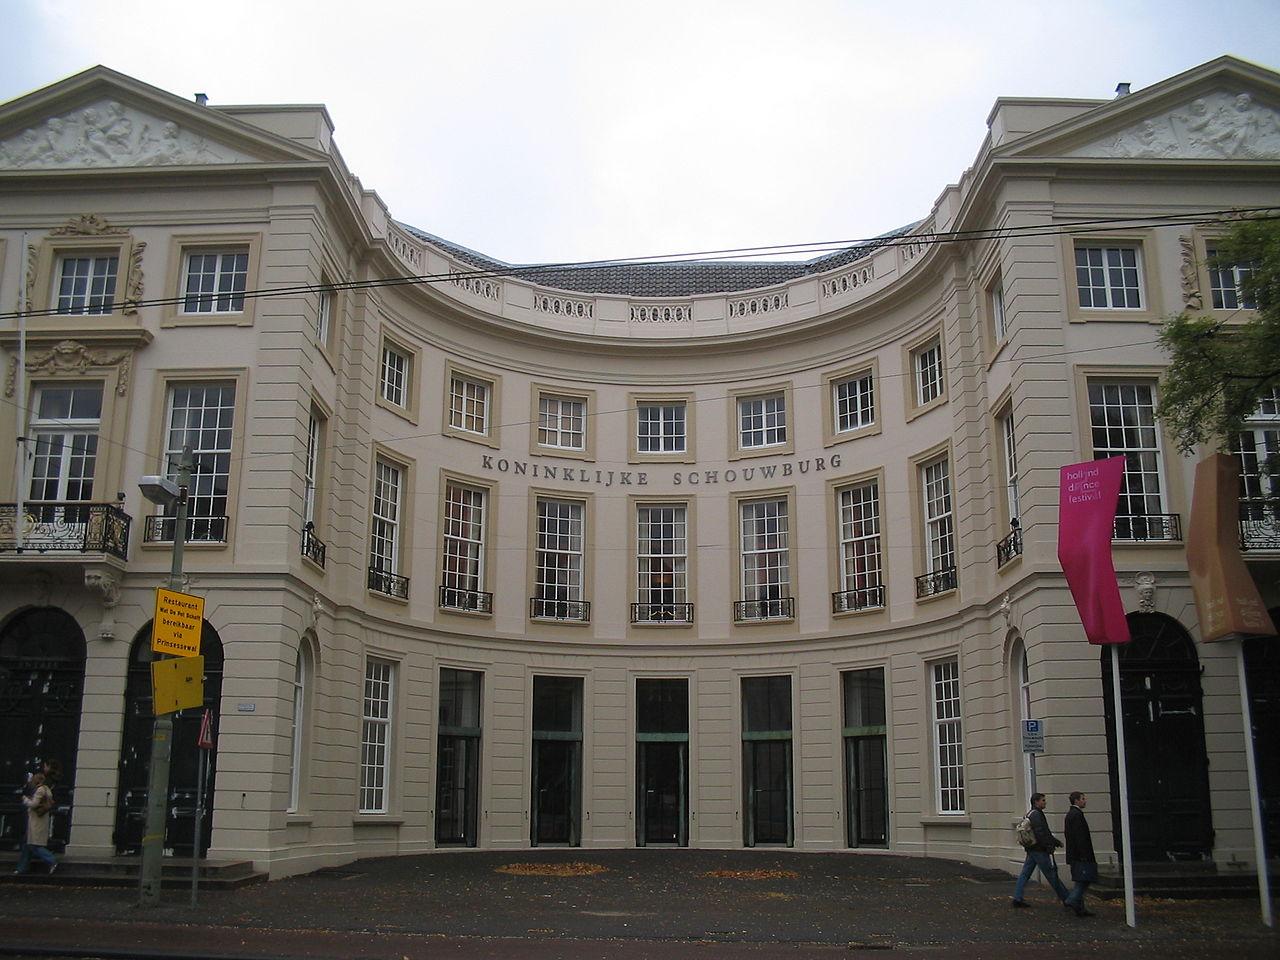 De Koninklijke Schouwburg (Den Haag)